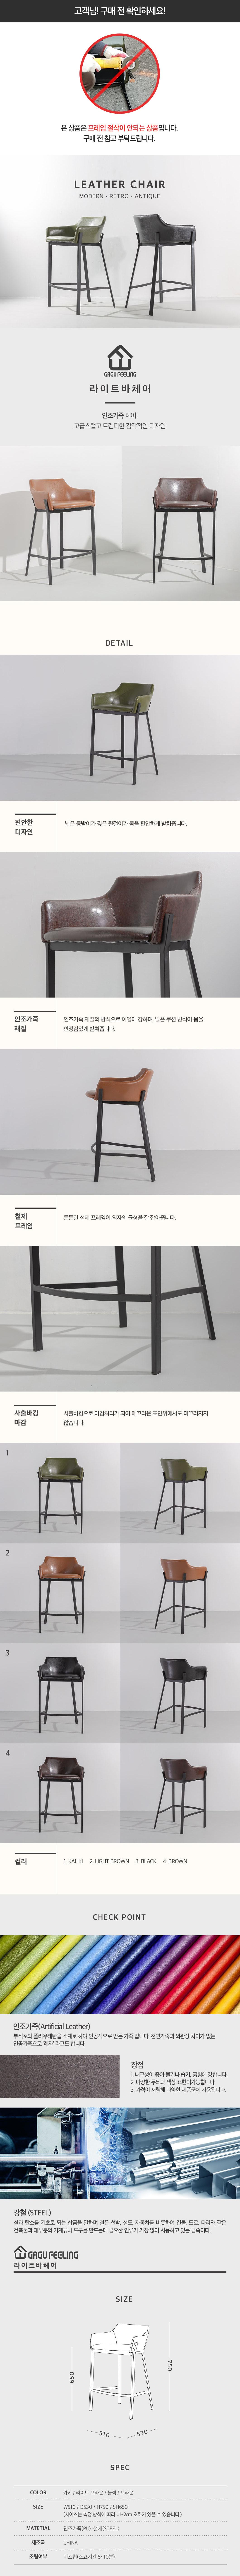 [가구느낌] 라이트바체어 아일랜드식탁 홈바의자 - 가구느낌, 52,900원, 디자인 의자, 바의자